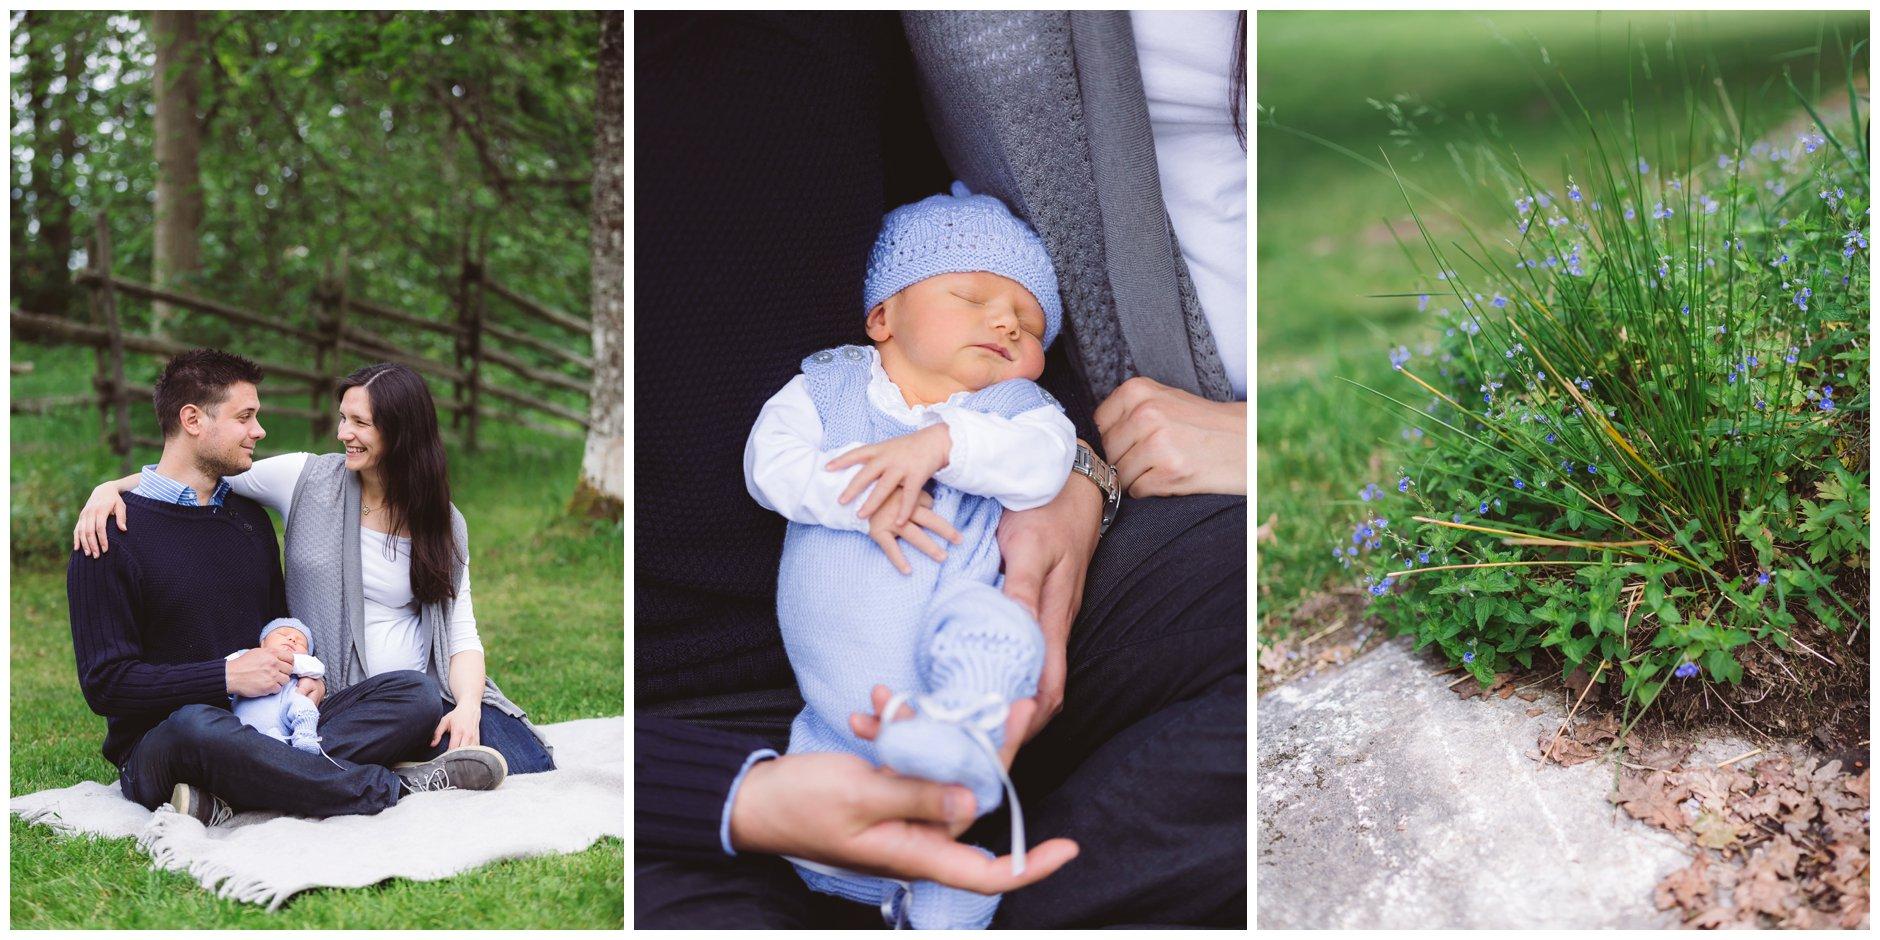 Fotograf-Eline-Jacobine-Utendørs-nyfødtfotografering-Sander_0004